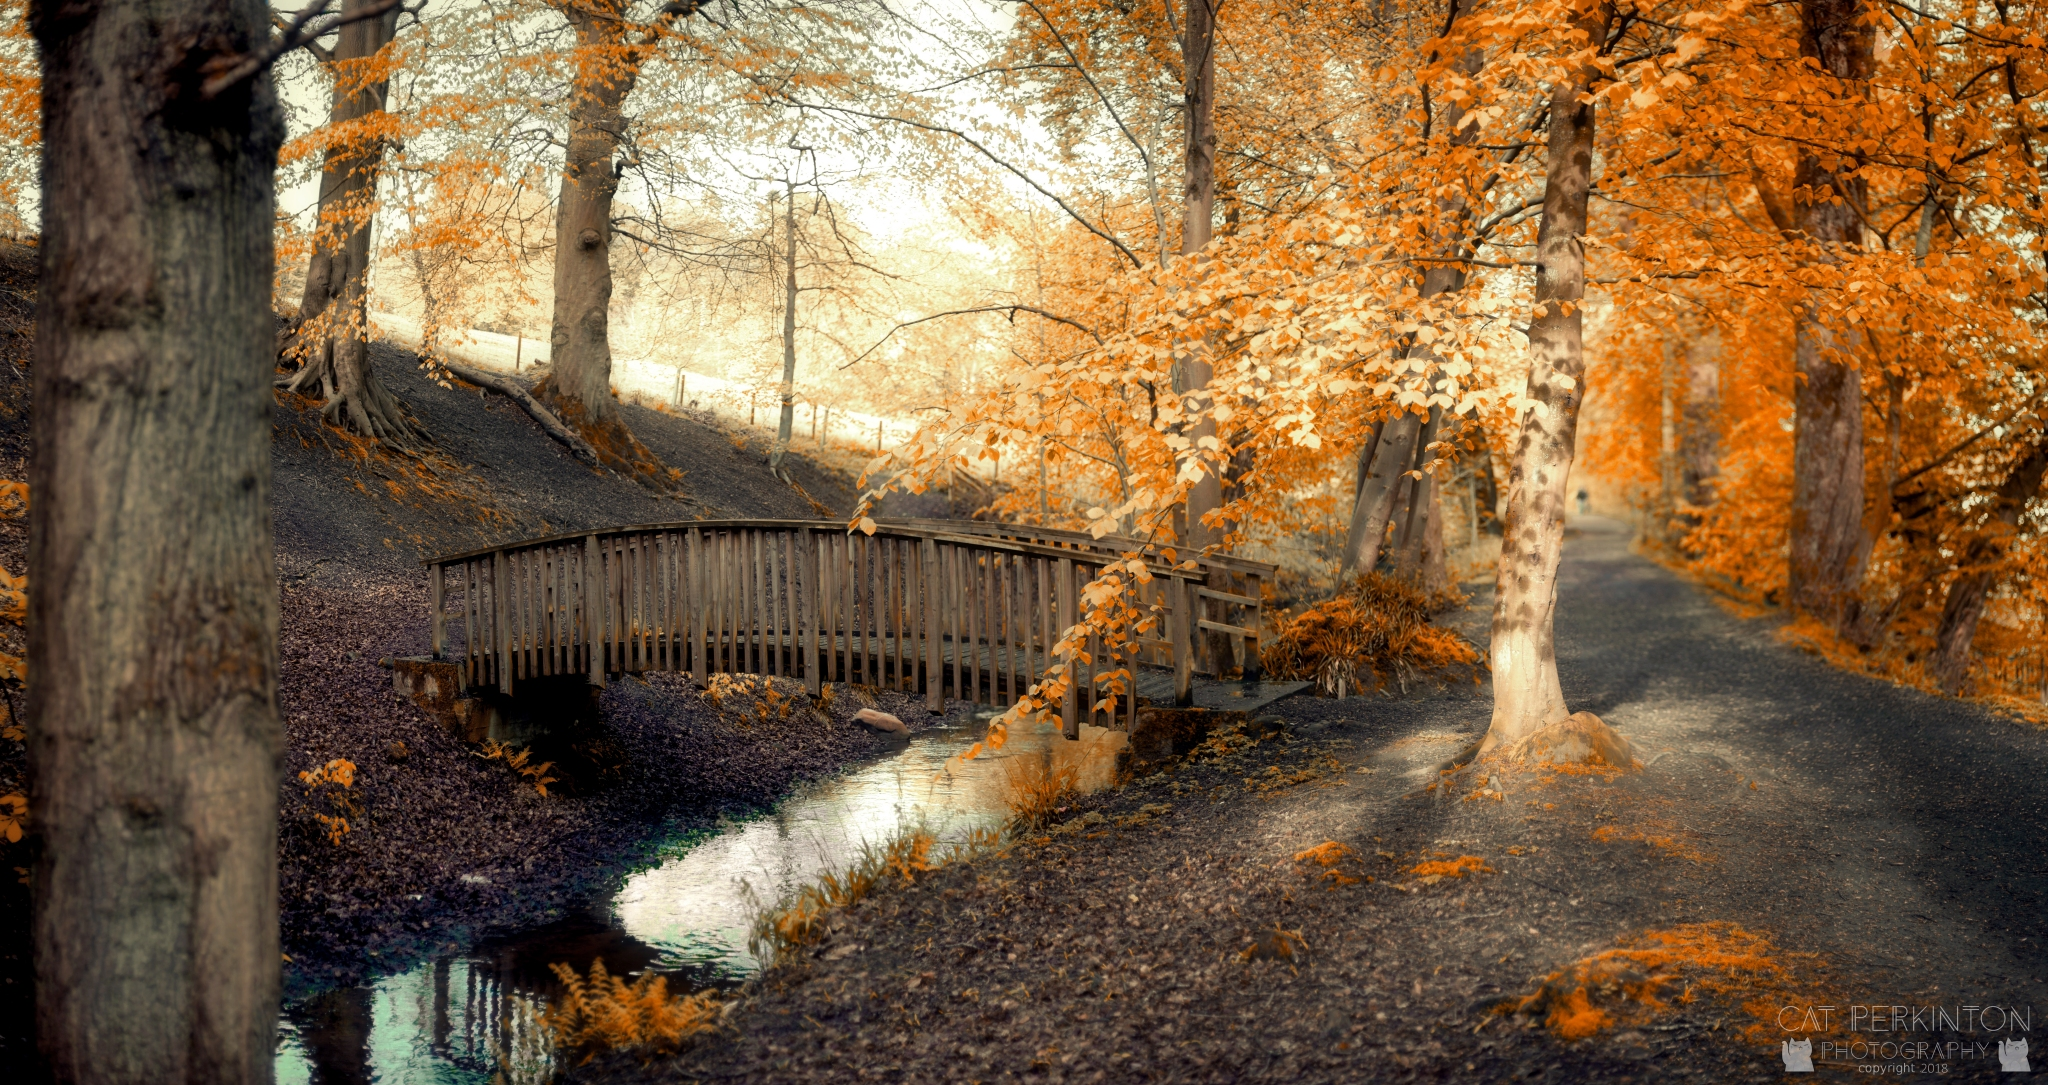 Lade Bridge Russet